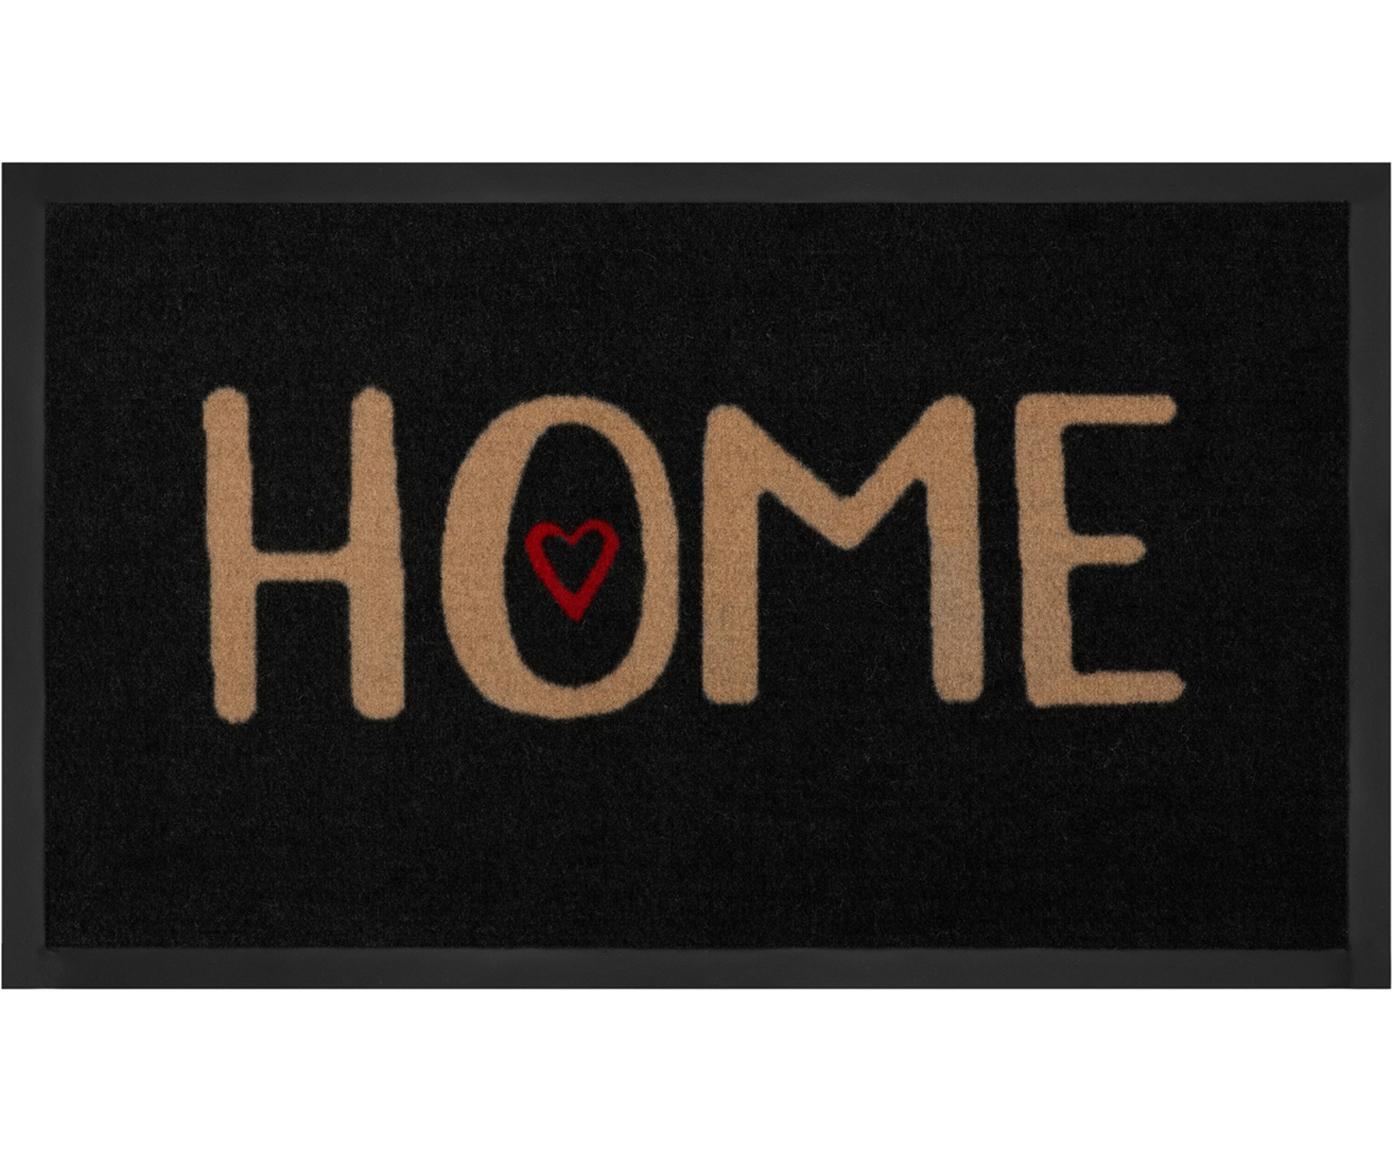 Polyamide deurmat Lovely Home, Bovenzijde: polyamide, Onderzijde: rubber, Zwart, beige, rood, 45 x 75 cm